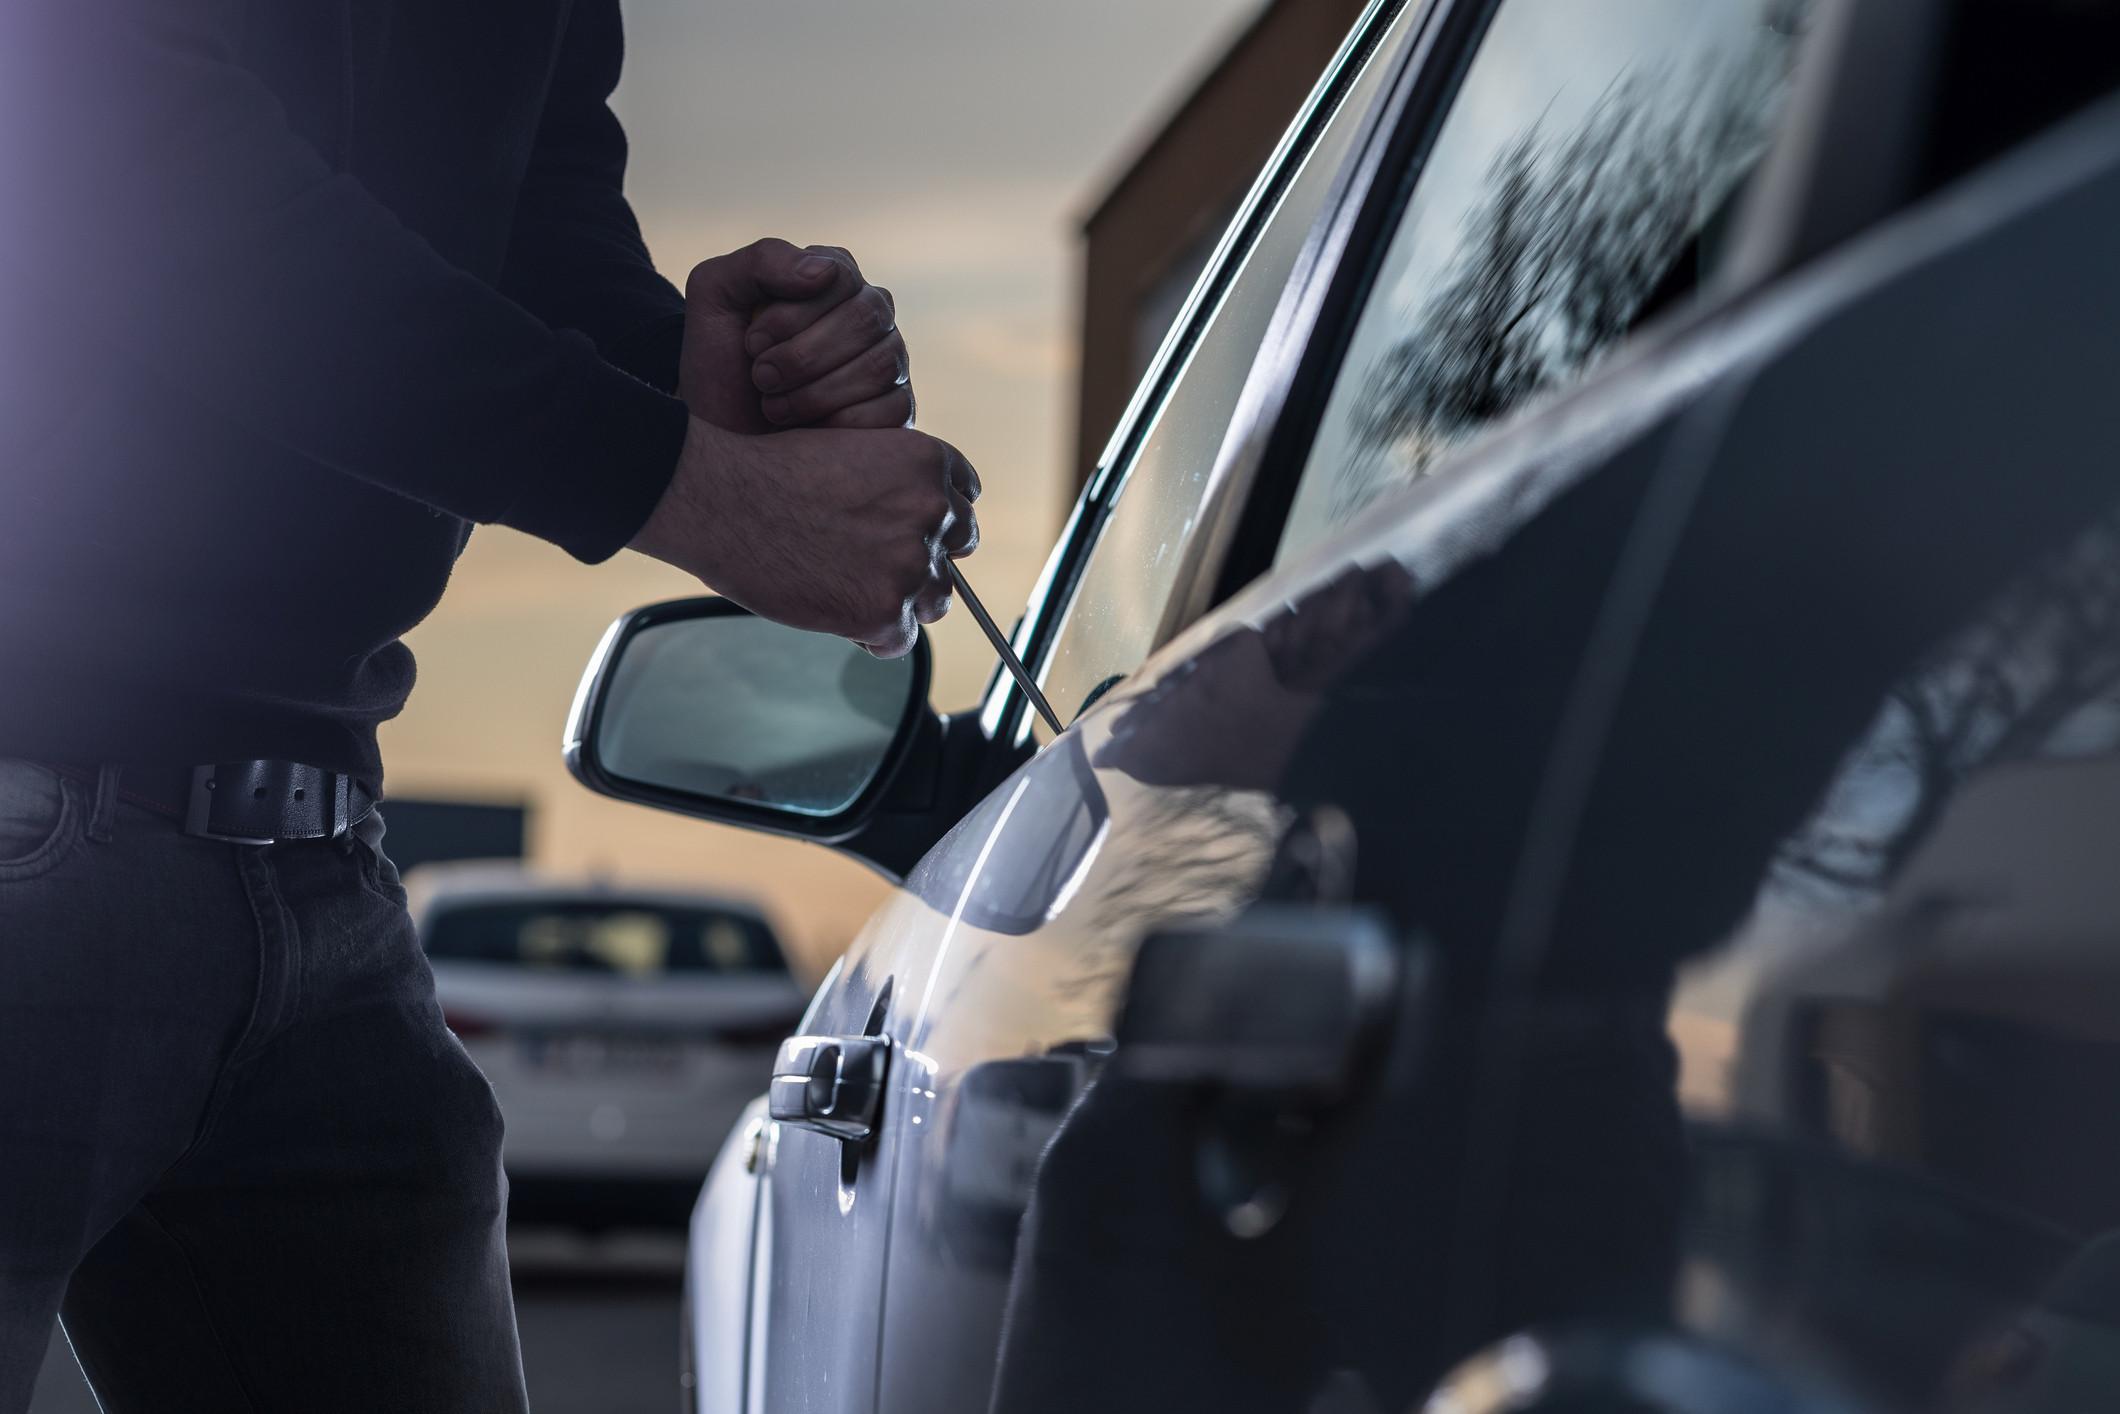 Partiu o vidro do carro e roubou mochila. Polícia estava atenta